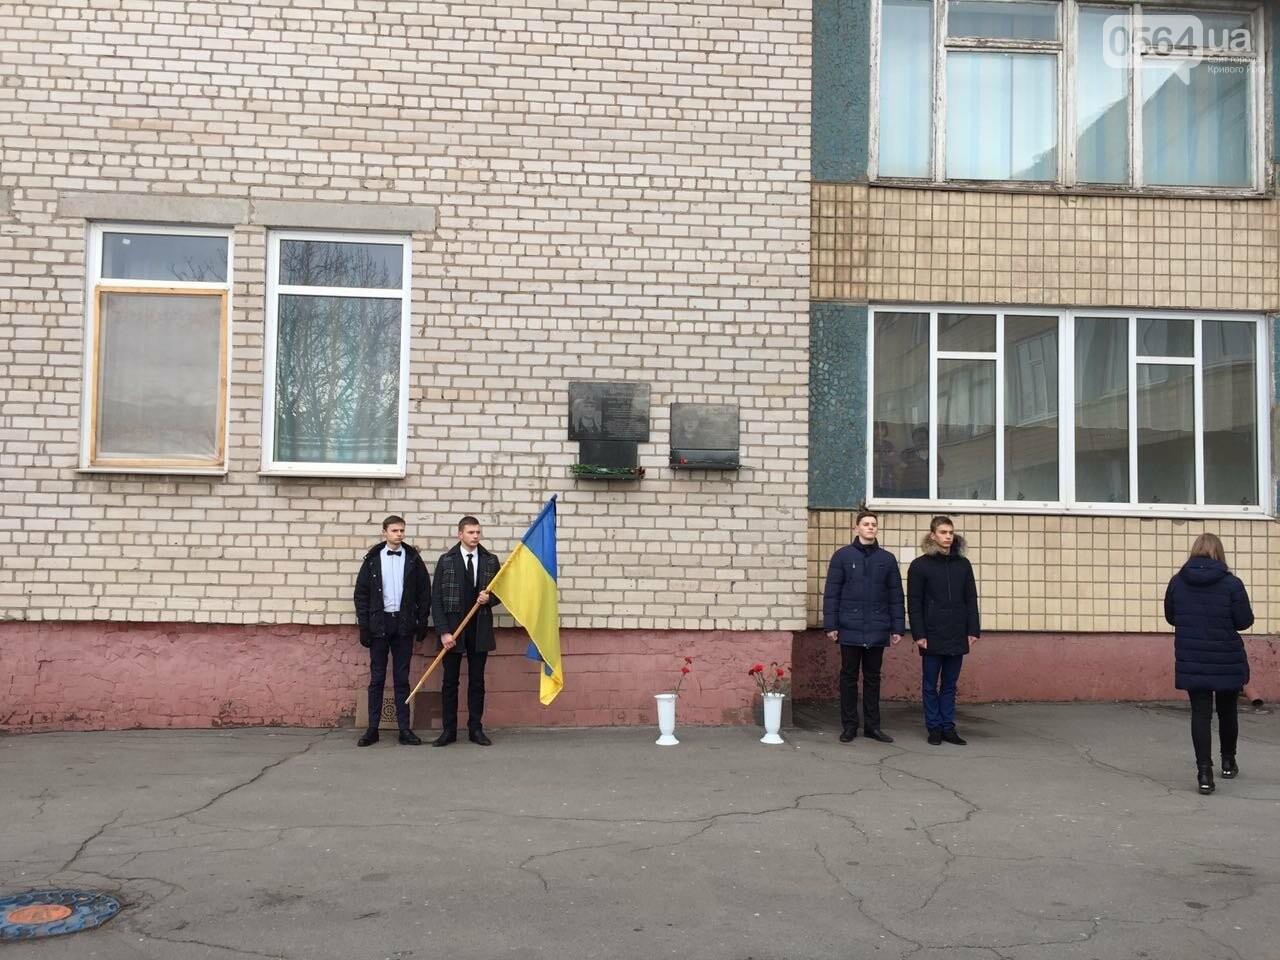 В криворожской школе открыли мемориальную доску в память о героически погибшем выпускнике - ФОТО, фото-1